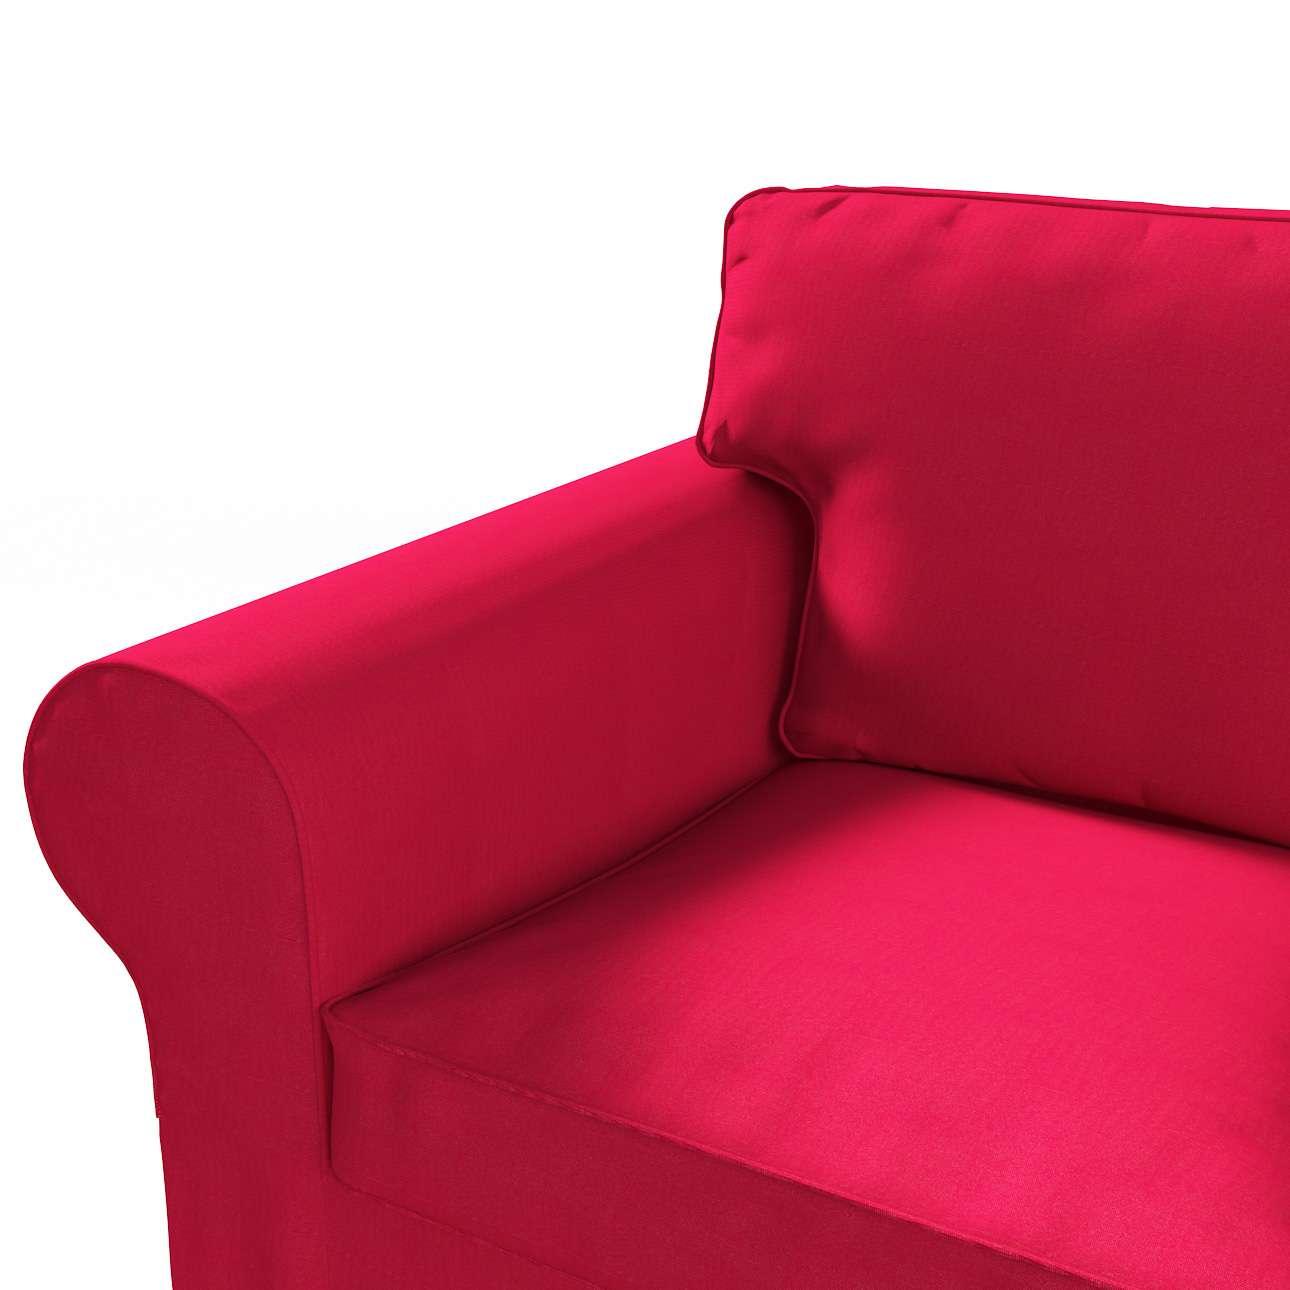 Ektorp 3-Sitzer Schlafsofabezug, ALTES Modell von der Kollektion Etna, Stoff: 705-60